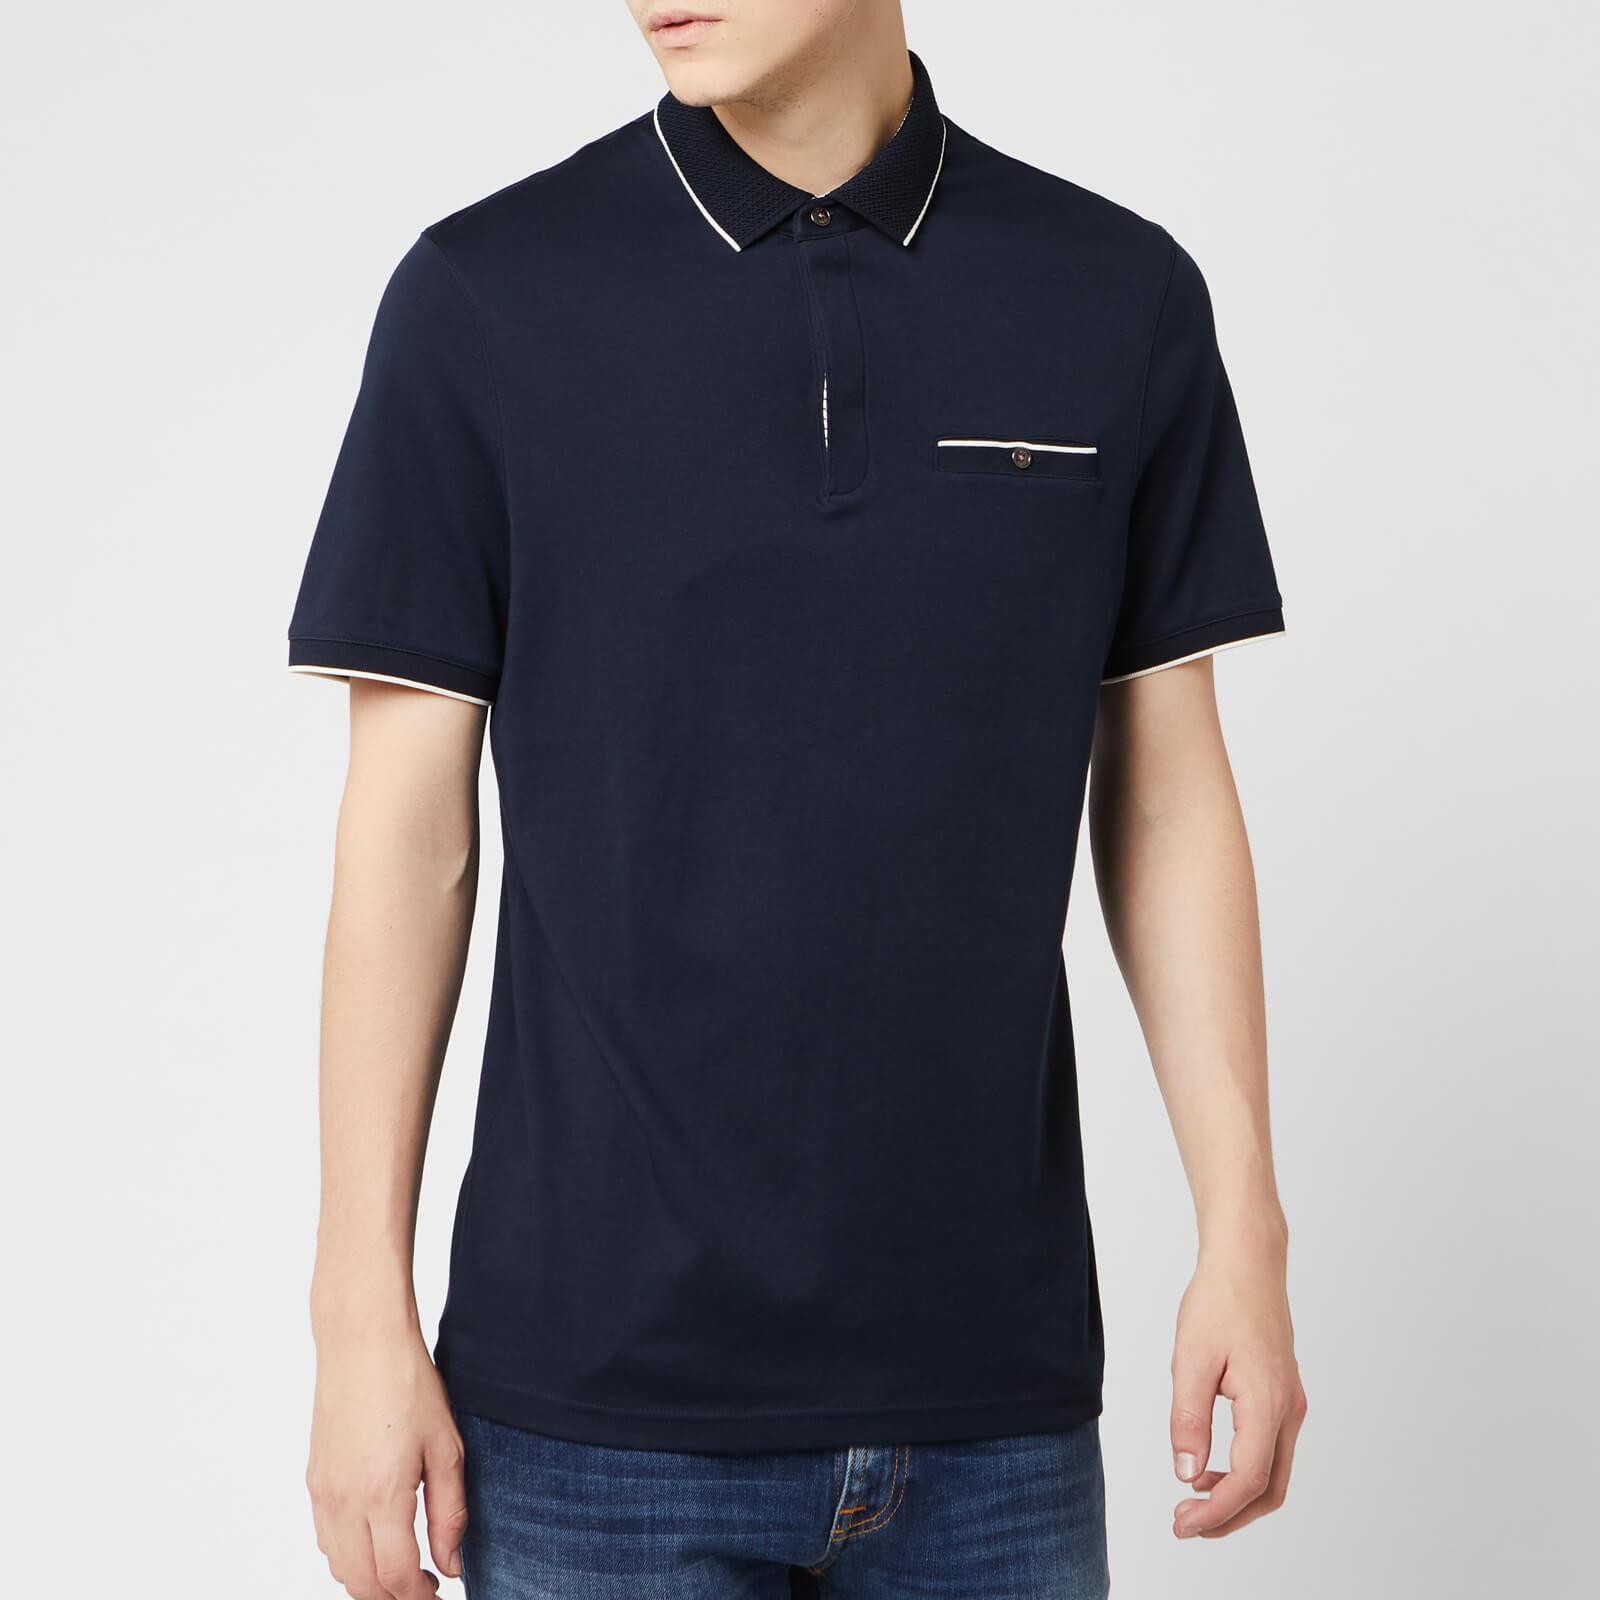 Ted Baker Men's Fincham Polo Shirt - Navy - S/2